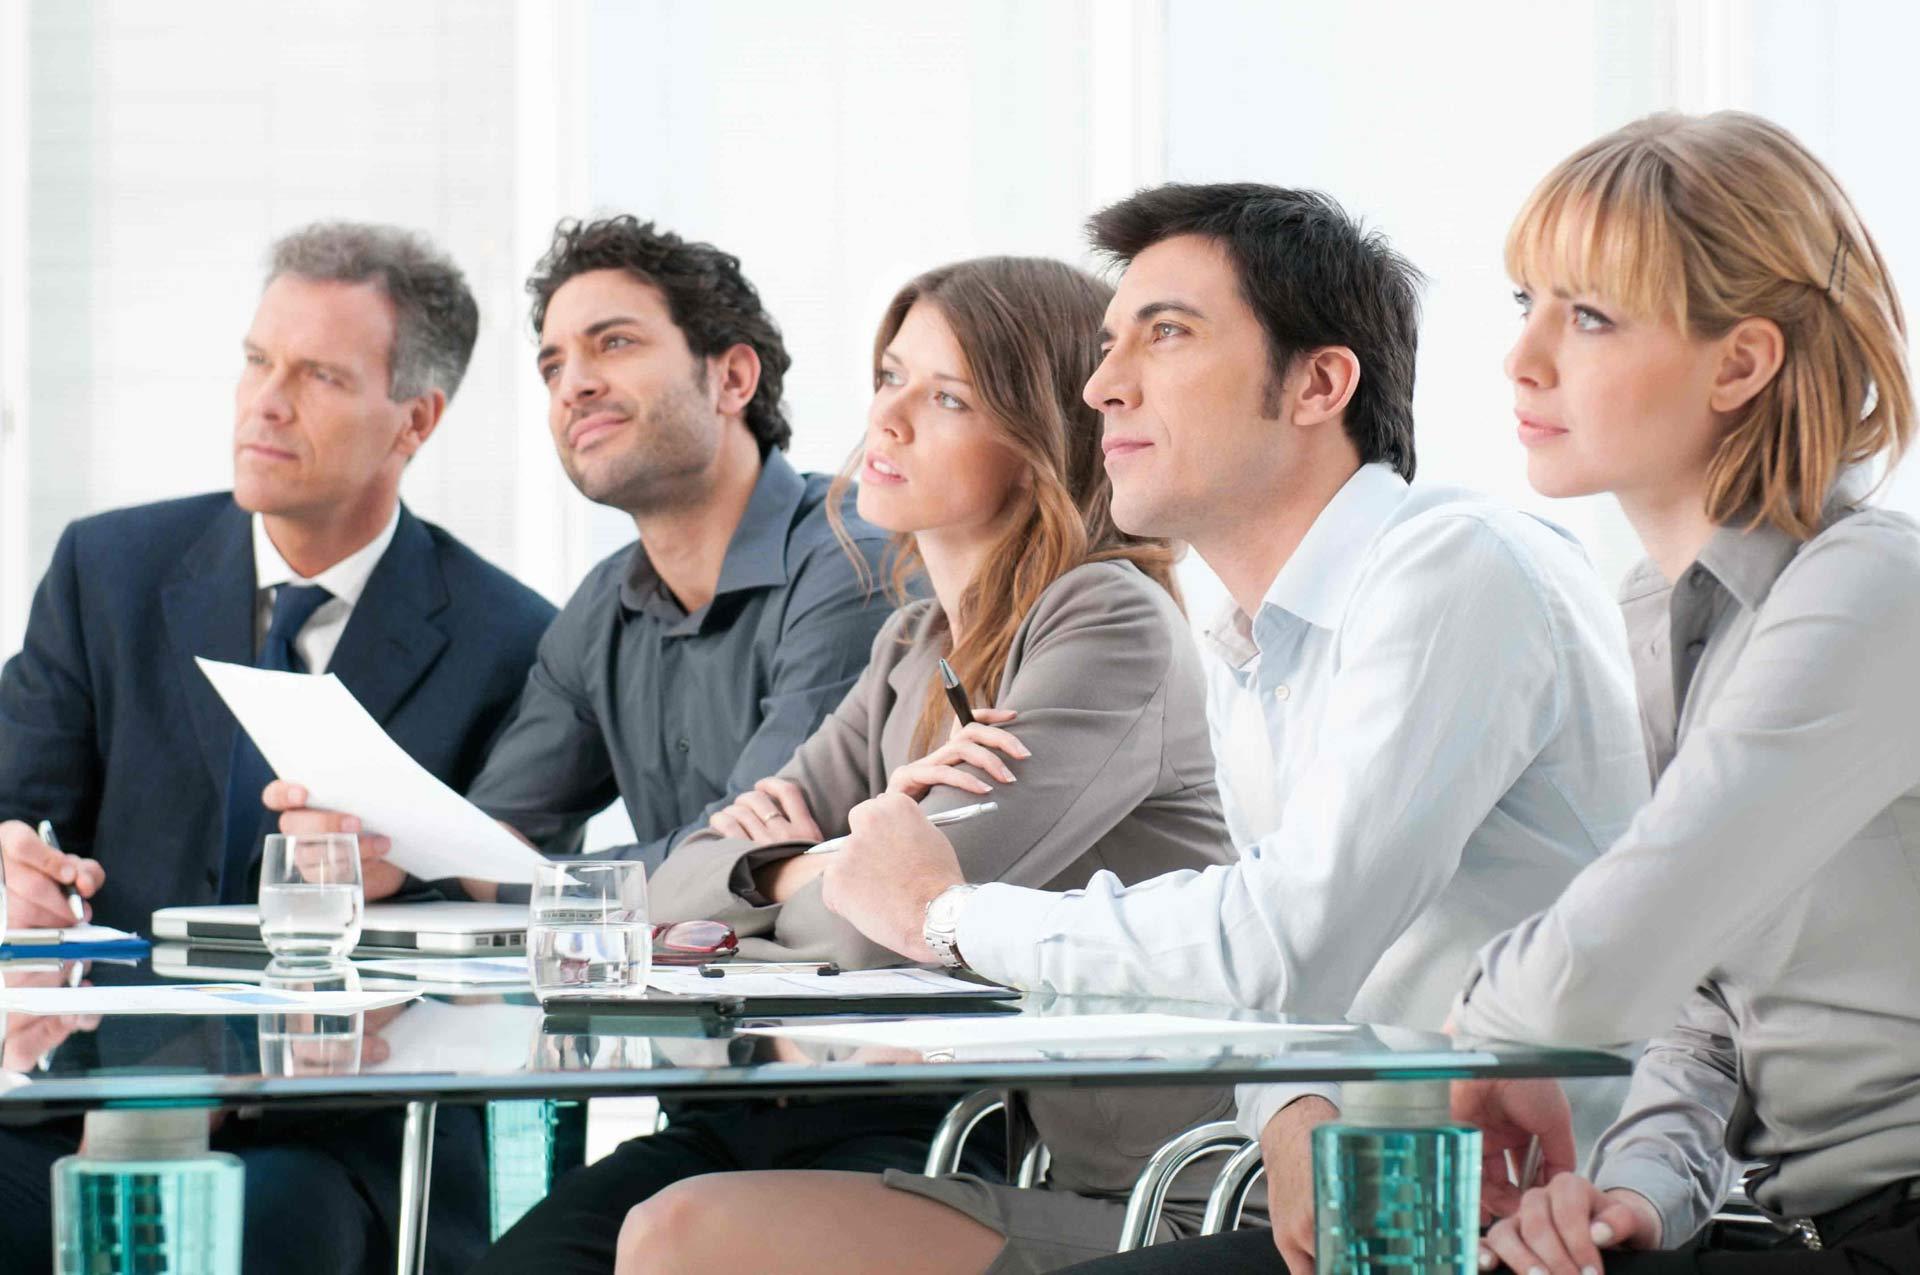 Вебинар: 5 точек роста и увеличения прибыли Вашего бизнеса